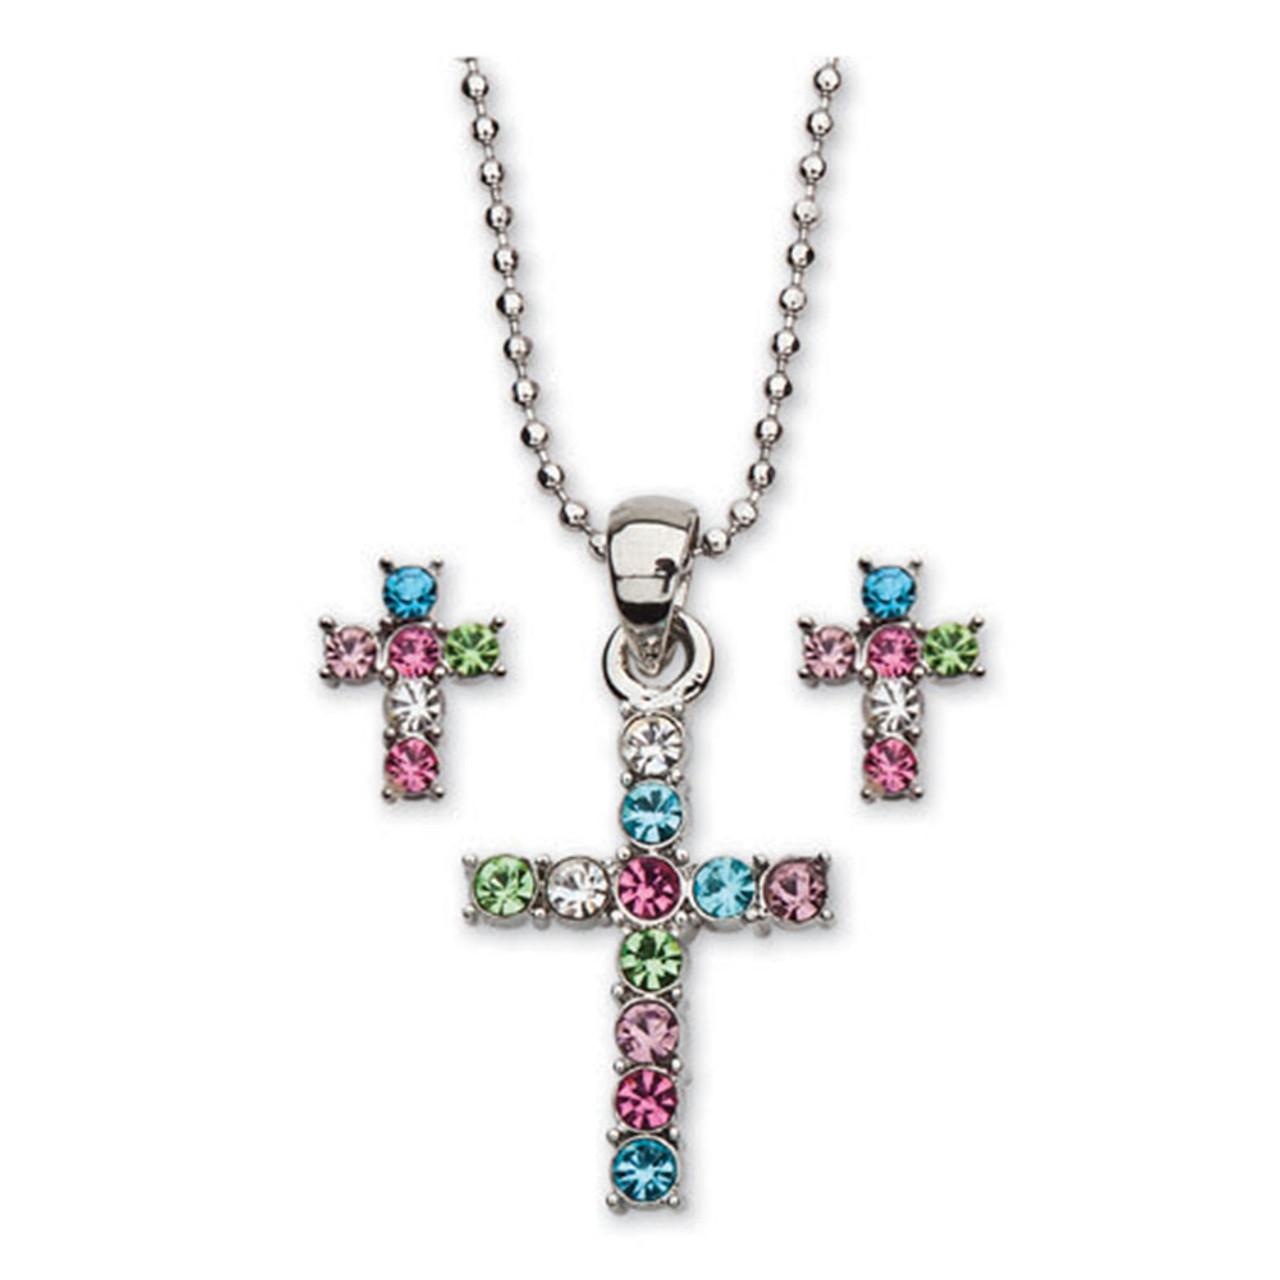 Cross Necklace/Earring Set 16IN Chain